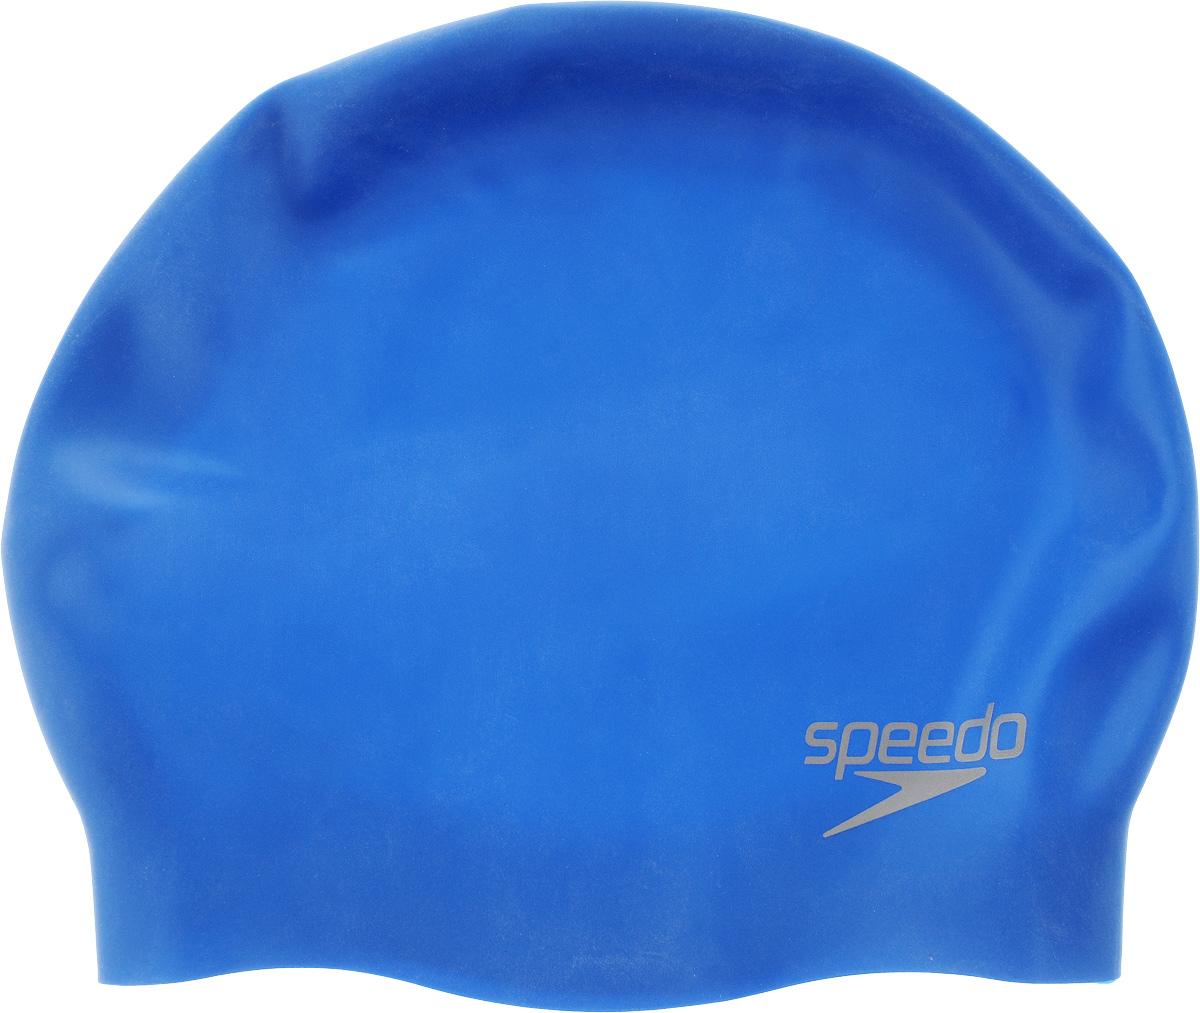 Шапочка для плавания Speedo Silc Moud Cap Au, цвет: голубой709842610Яркая силиконовая шапочка Speedo Silc Moud Cap Au обеспечивает плотное прилегание и полную защиту от попадания воды. 3D дизайн повторяет контуры головы для непревзойденного комфорта посадки. Отлично подойдет для тренировок в бассейне. Шапочка выполнена из высококачественного силикона.